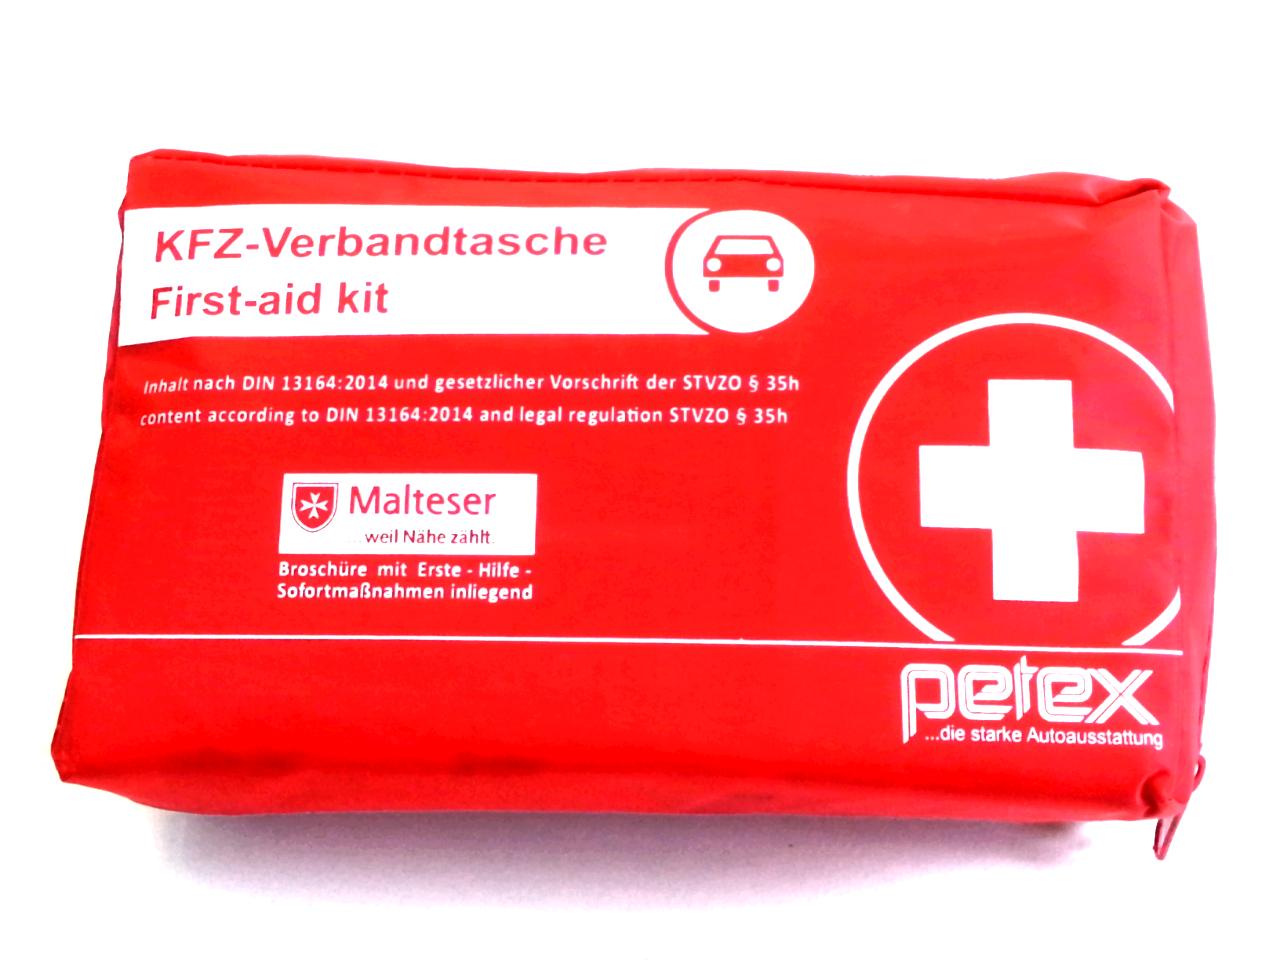 Petex KFZ Auto Verbandstasche Verbandtasche Verbandkasten rot